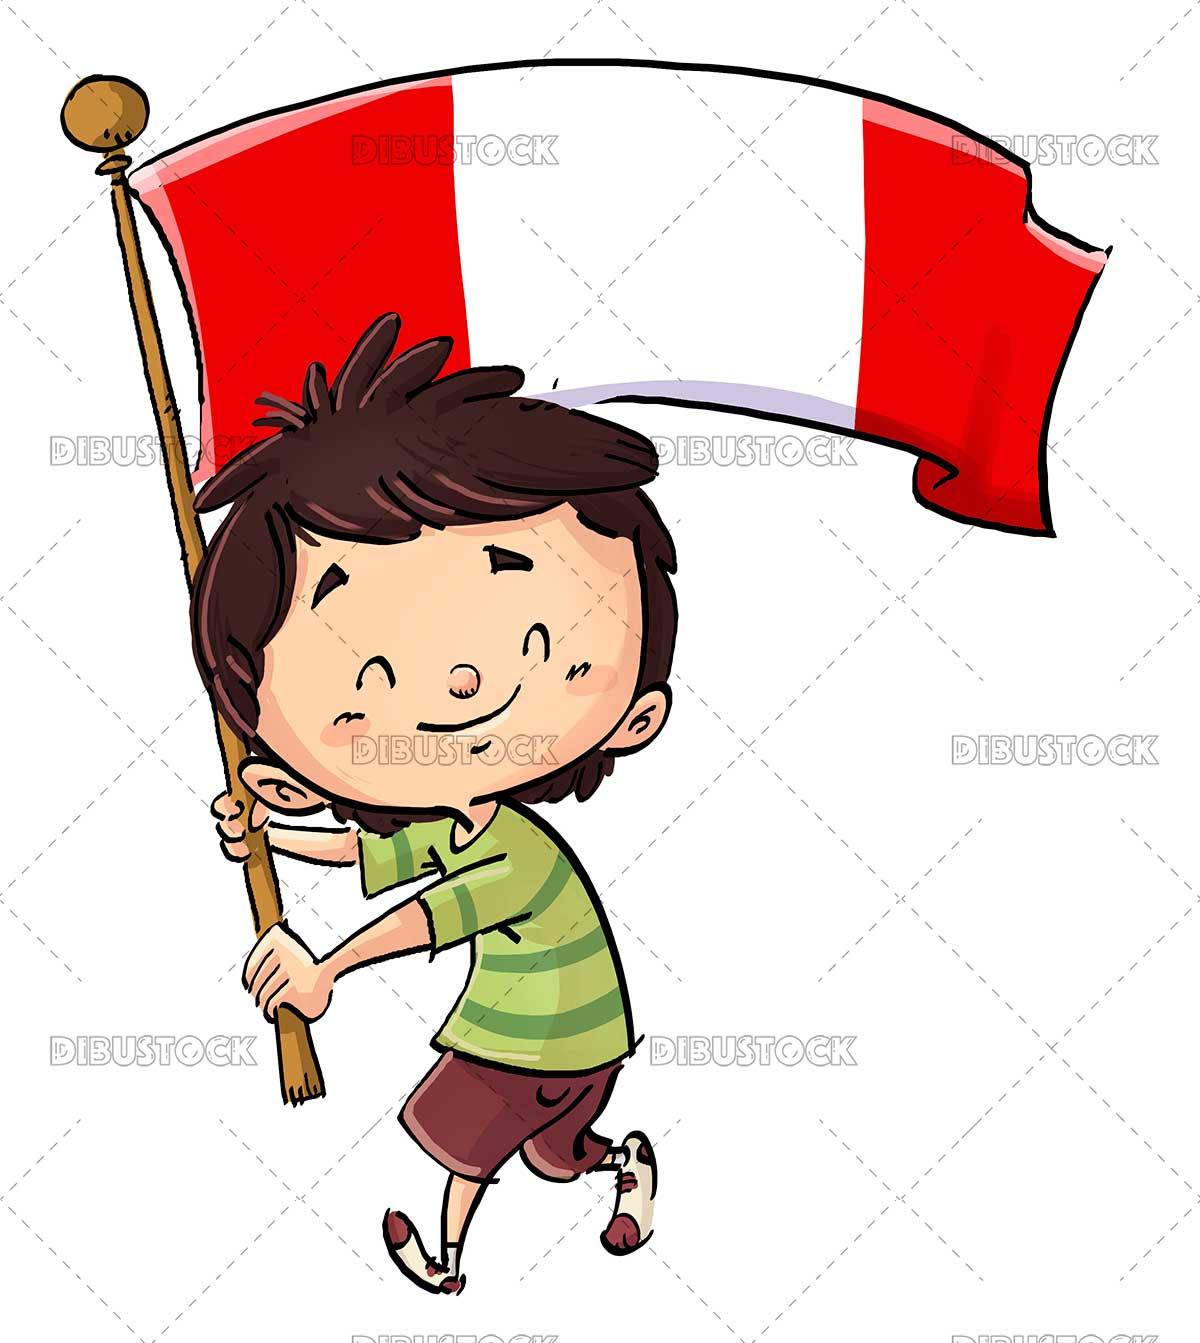 Boy with flag of Peru